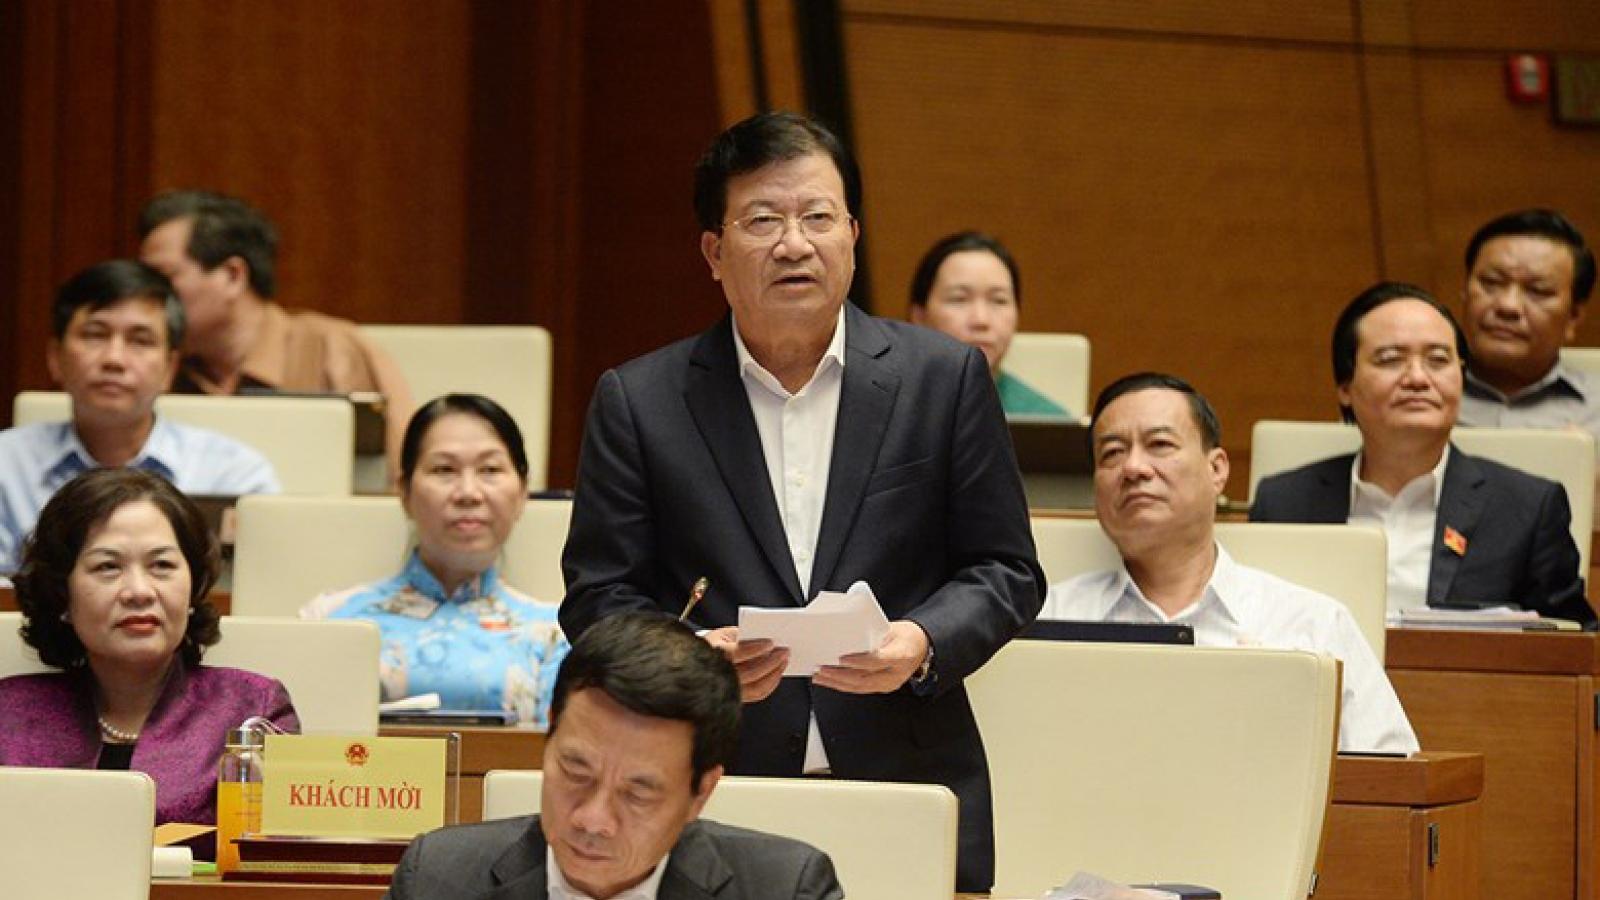 """Phó Thủ tướng Trịnh Đình Dũng: """"Phá rừng lấy gỗ còn xảy ra ở nhiều nơi"""""""